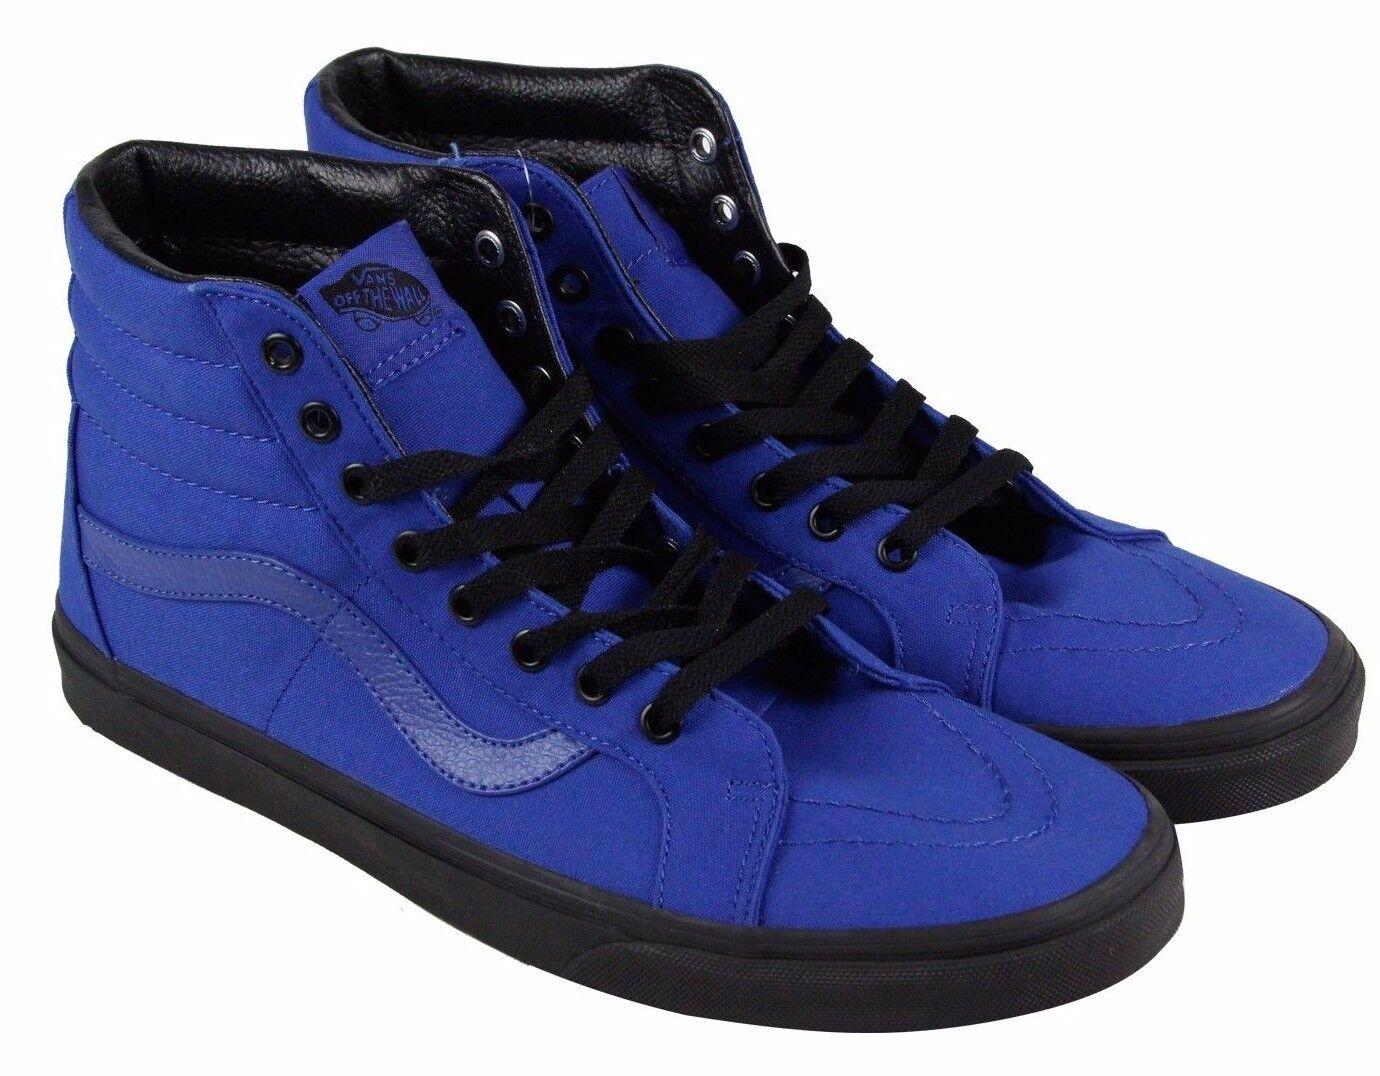 pretty nice e2803 08ea2 Vans Sk8-Hi Reissue TRUE BLUE SKATE Shoes Men s Size 10 10 10  70 a6c342